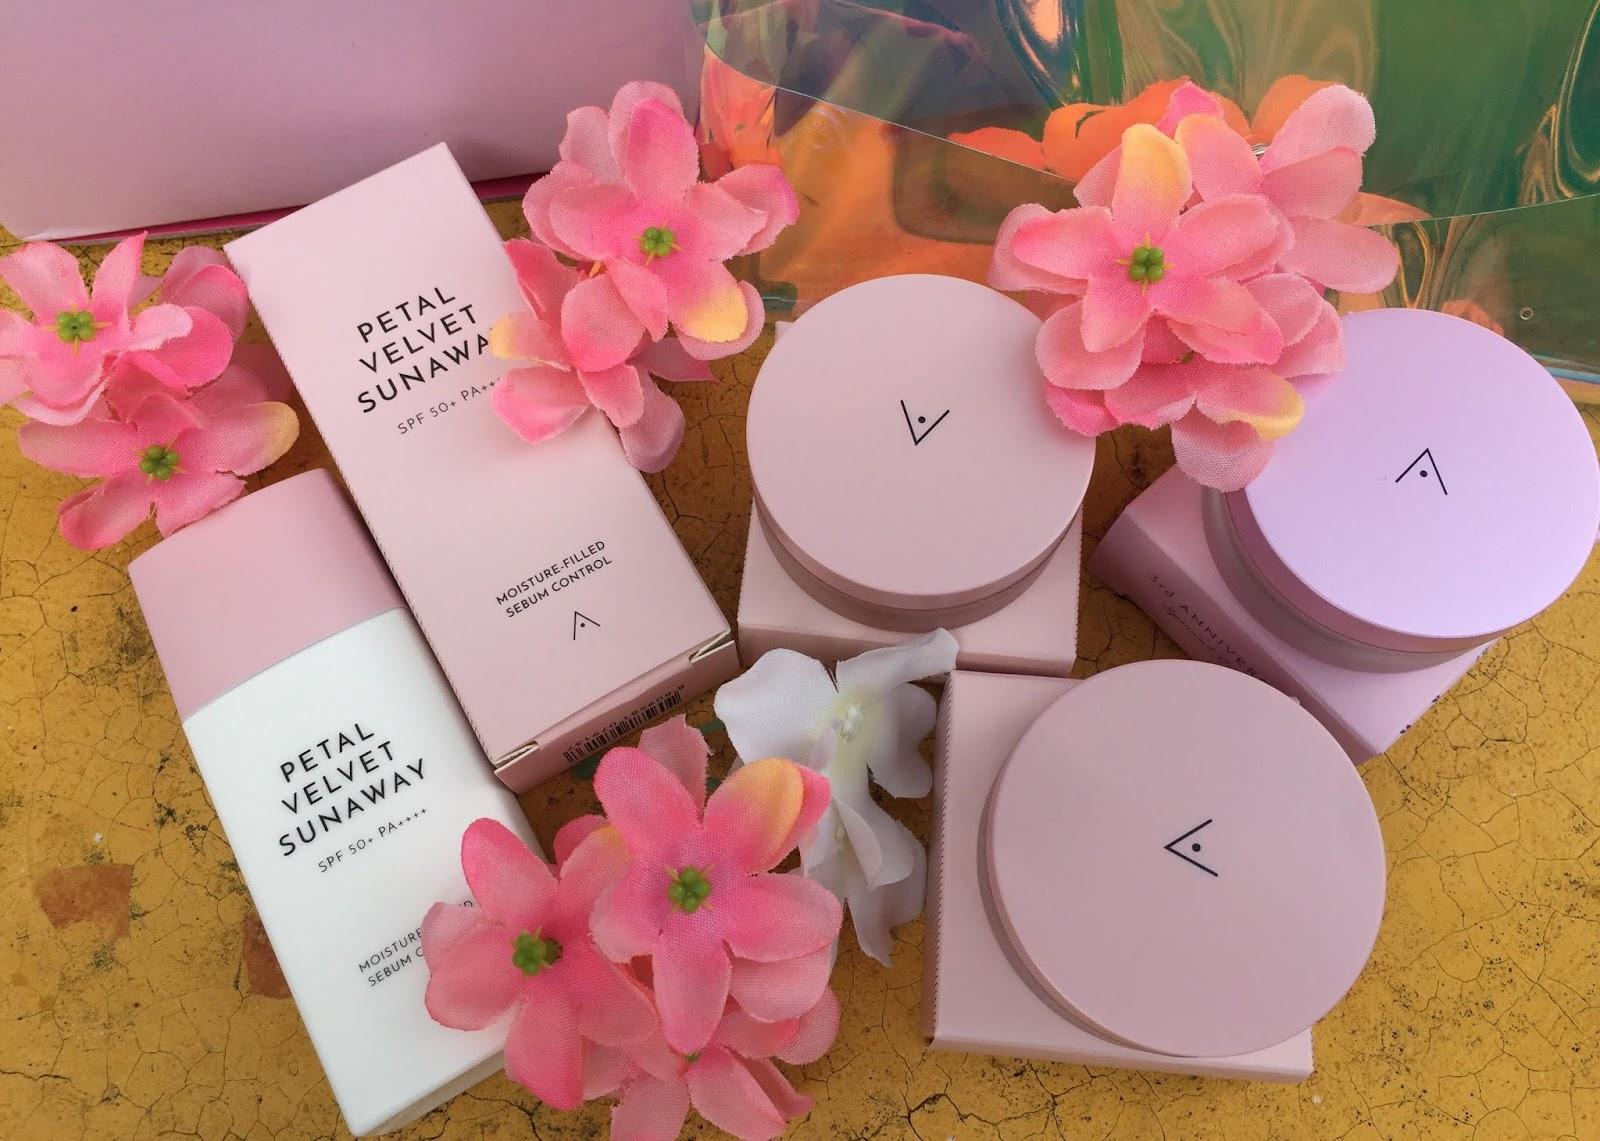 kecantikan wajah, istimewa untuk wanita, produk althea,sunscreen, face powder